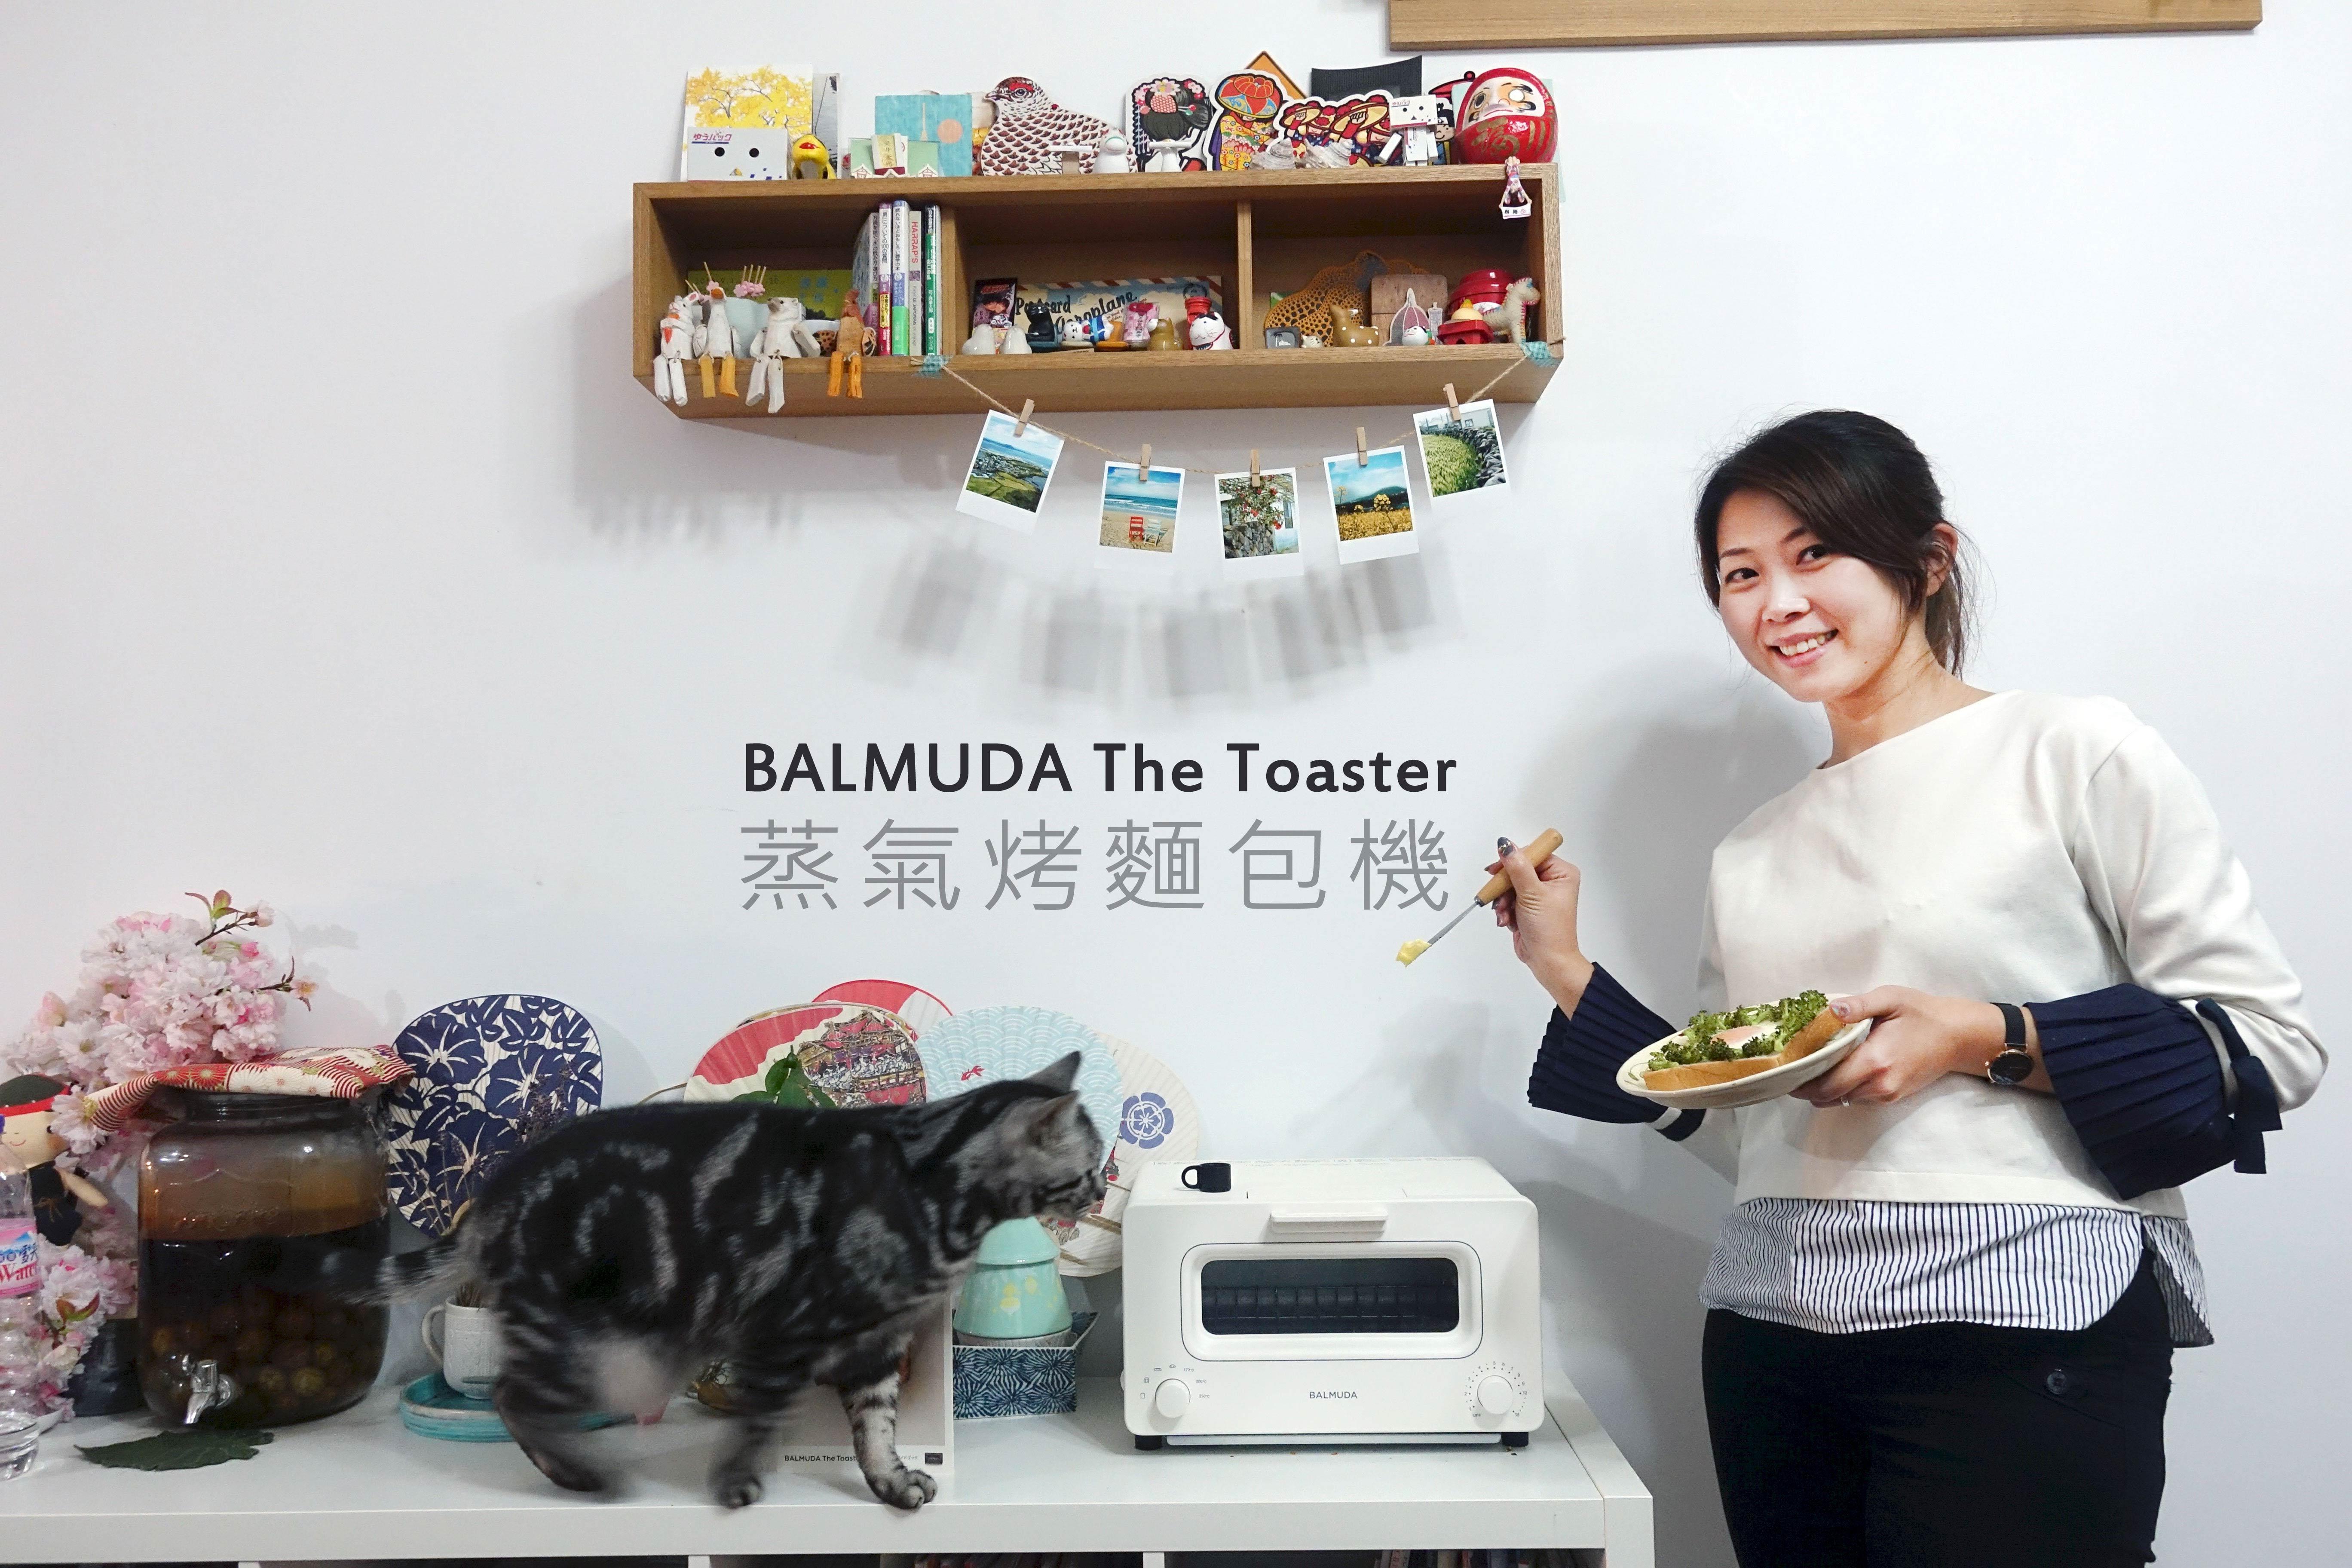 居家美學必備!烤吐司神器 BALUMDA The Toaster,真的跟剛出爐一樣的美味!(附 4 款自製食譜)